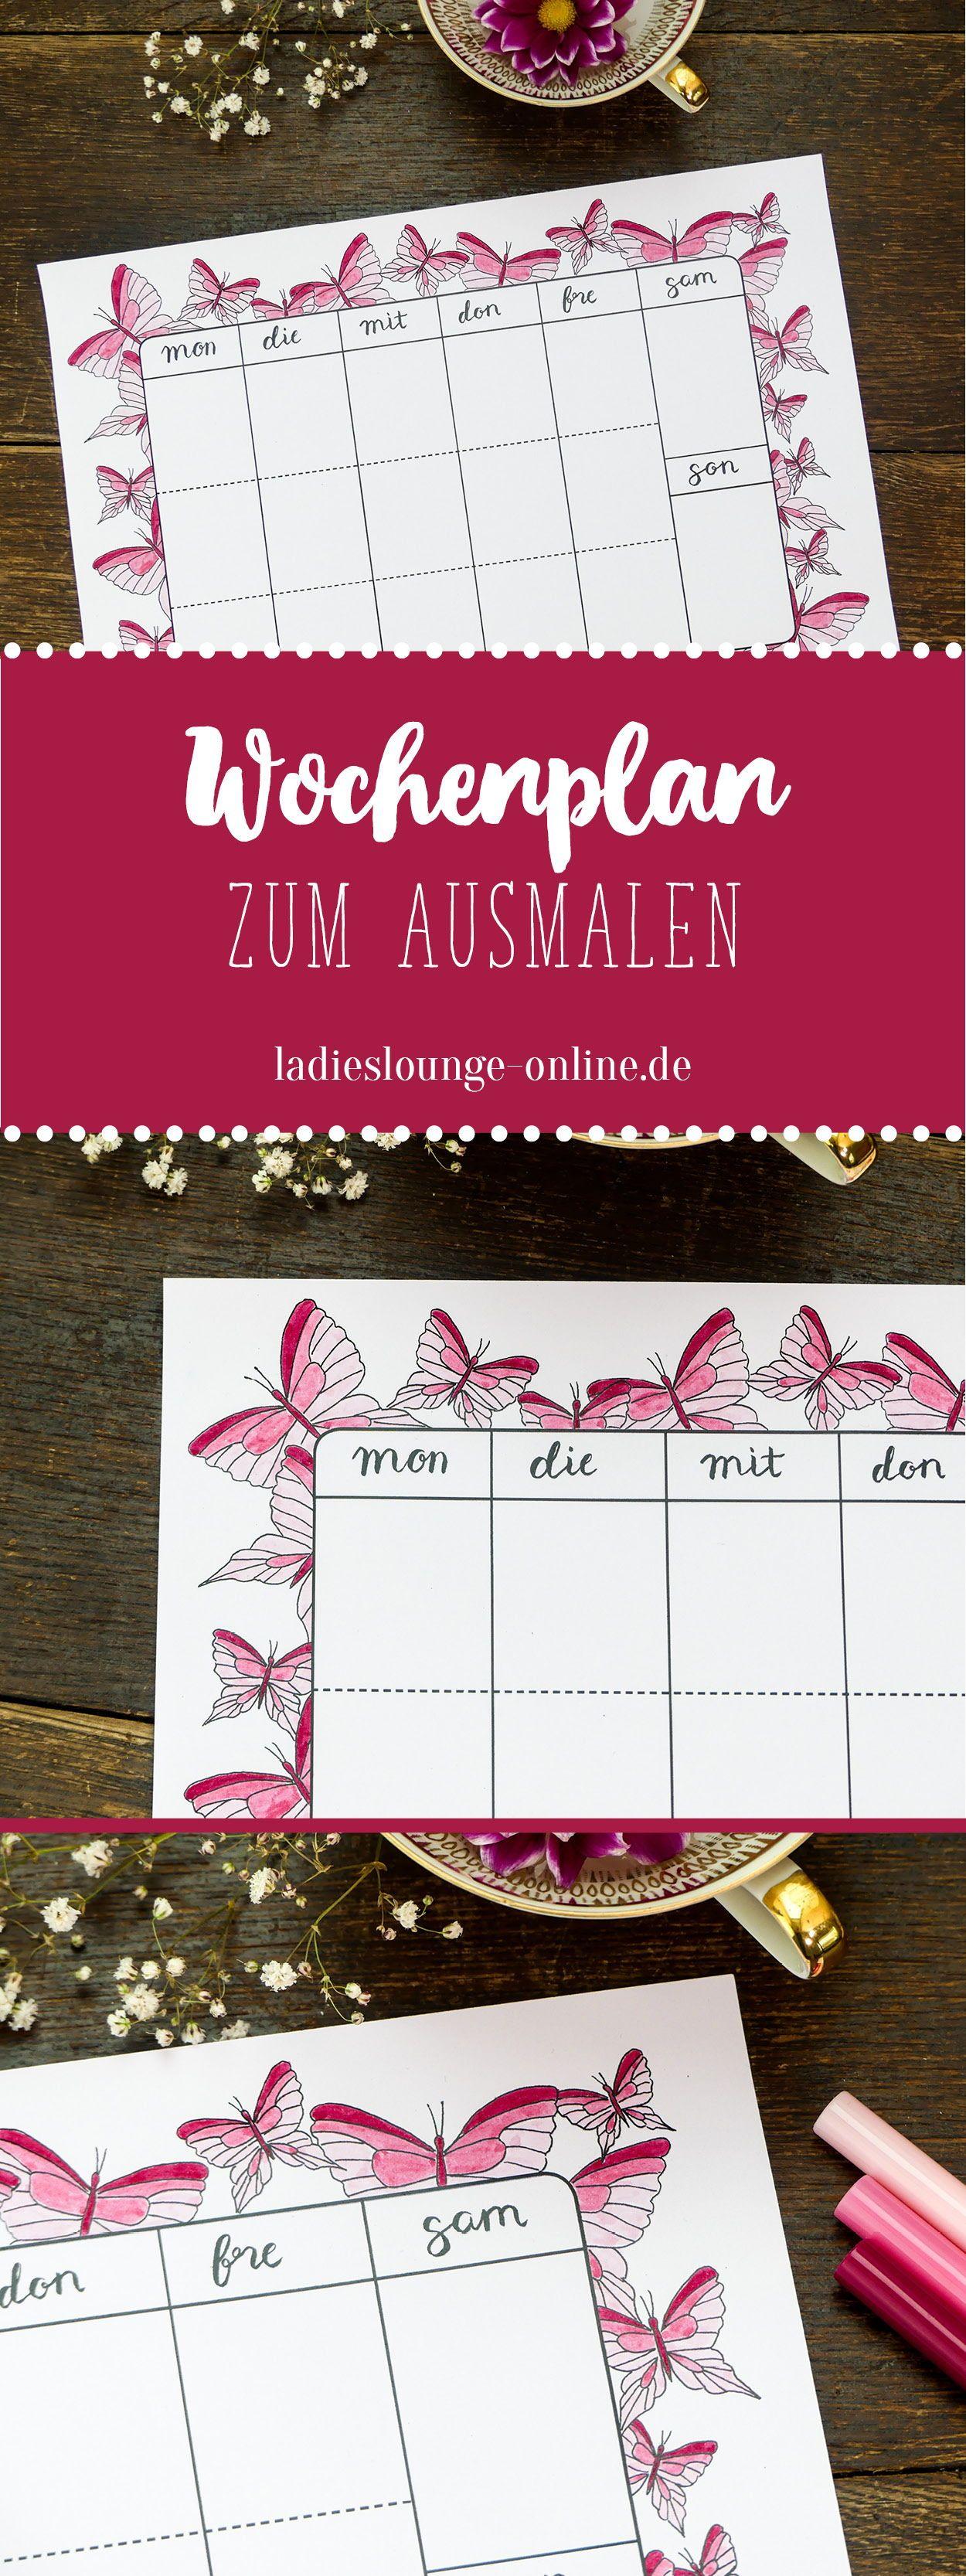 Nett Leere Wochenplanvorlage Ideen - Beispiel Business Lebenslauf ...